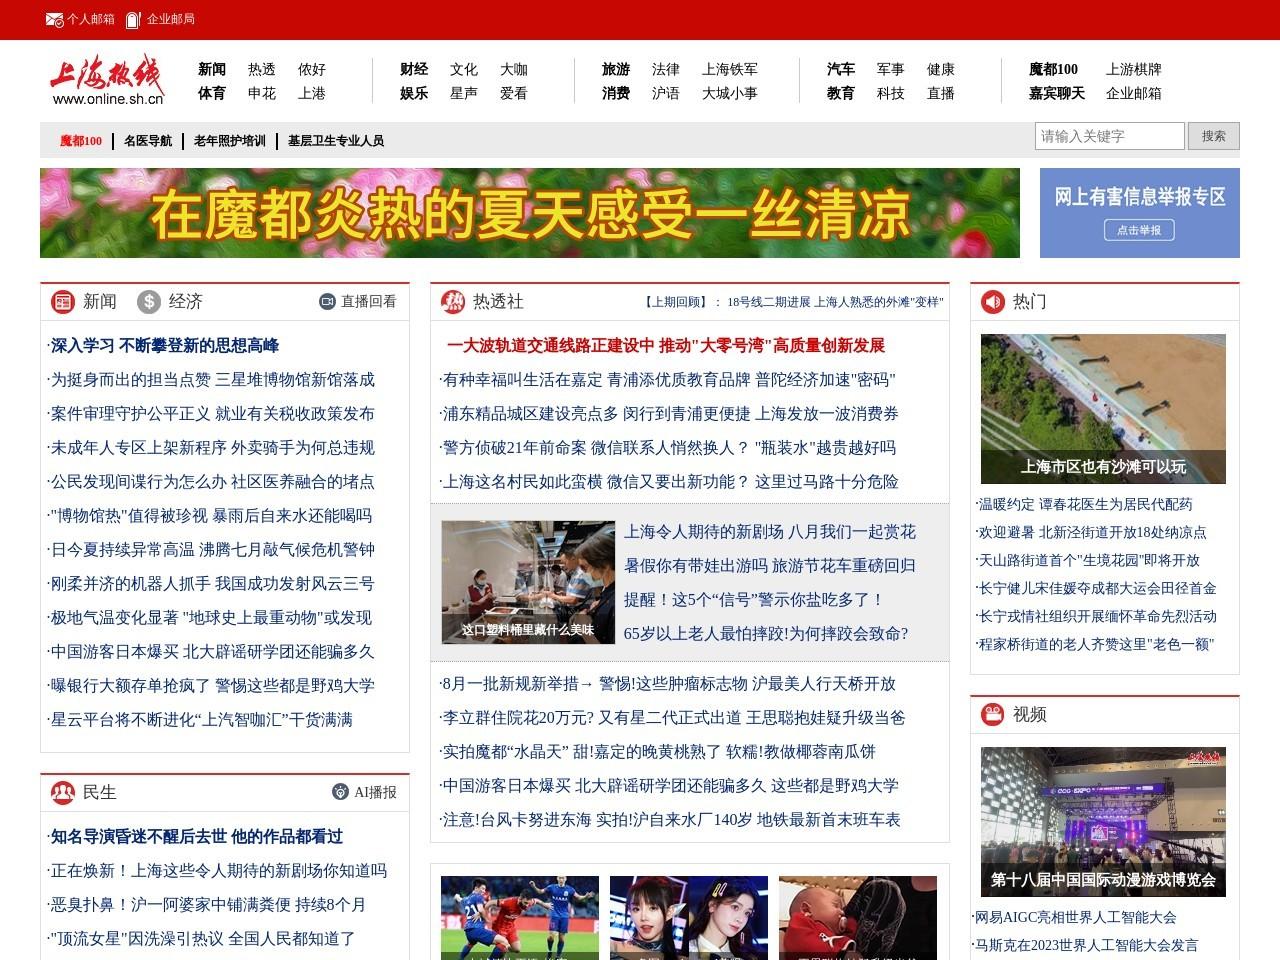 上海热线的网站截图